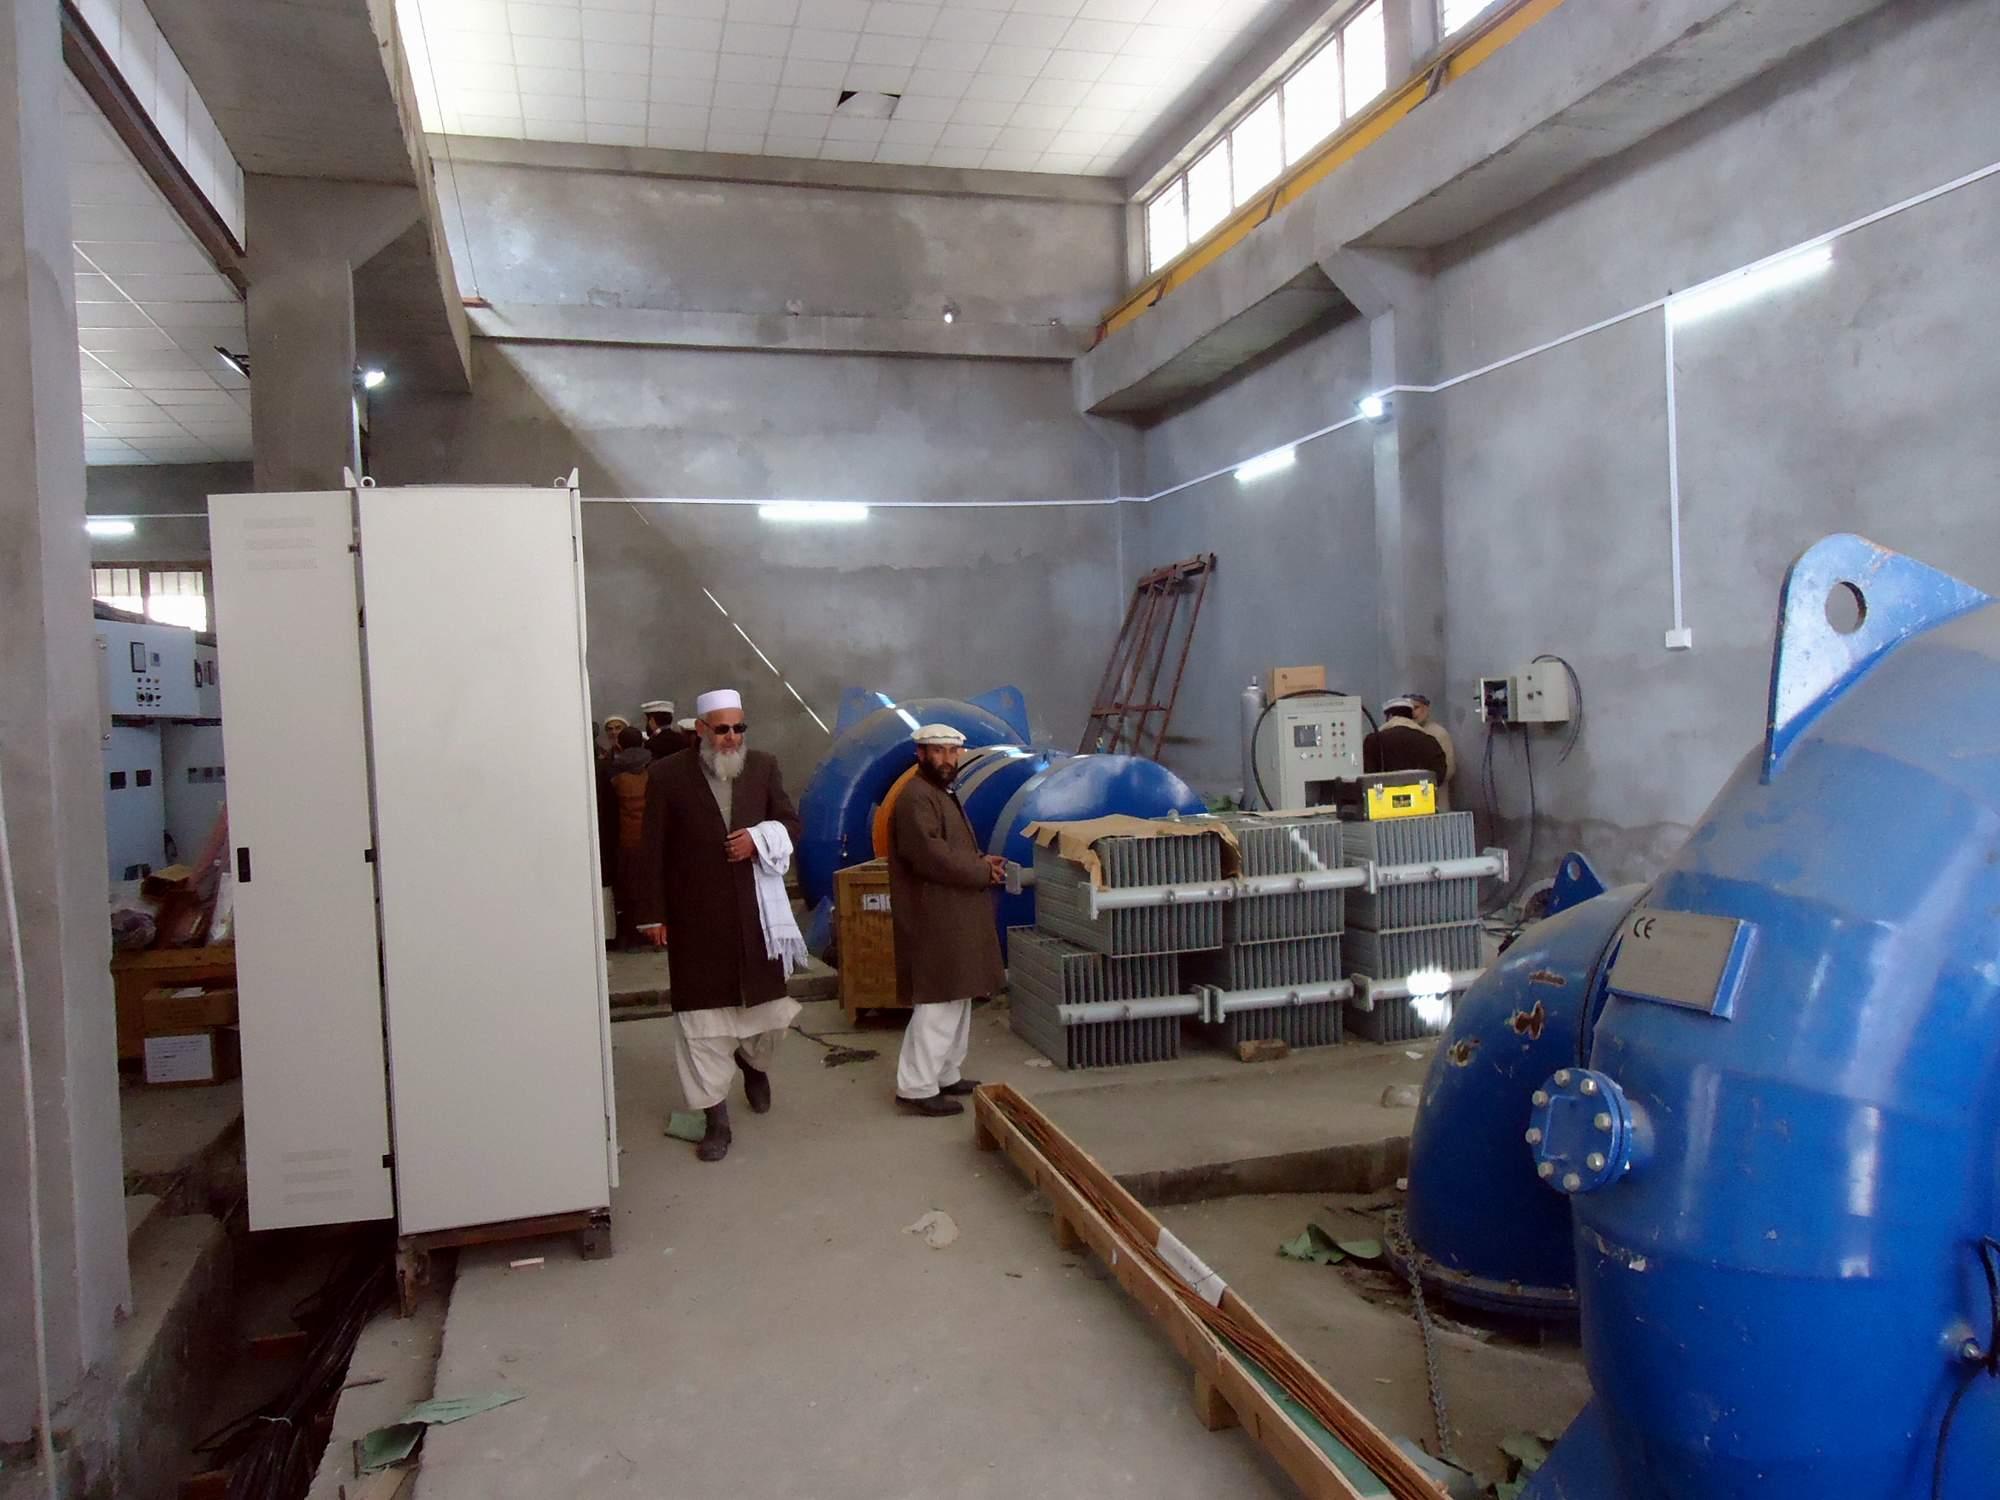 یاسین : ذاتی جائیداد فروخت کرکے تھوئی پاور ہاوس کے تعمیراتی کام مکمل کیا، ٹھیکیدار